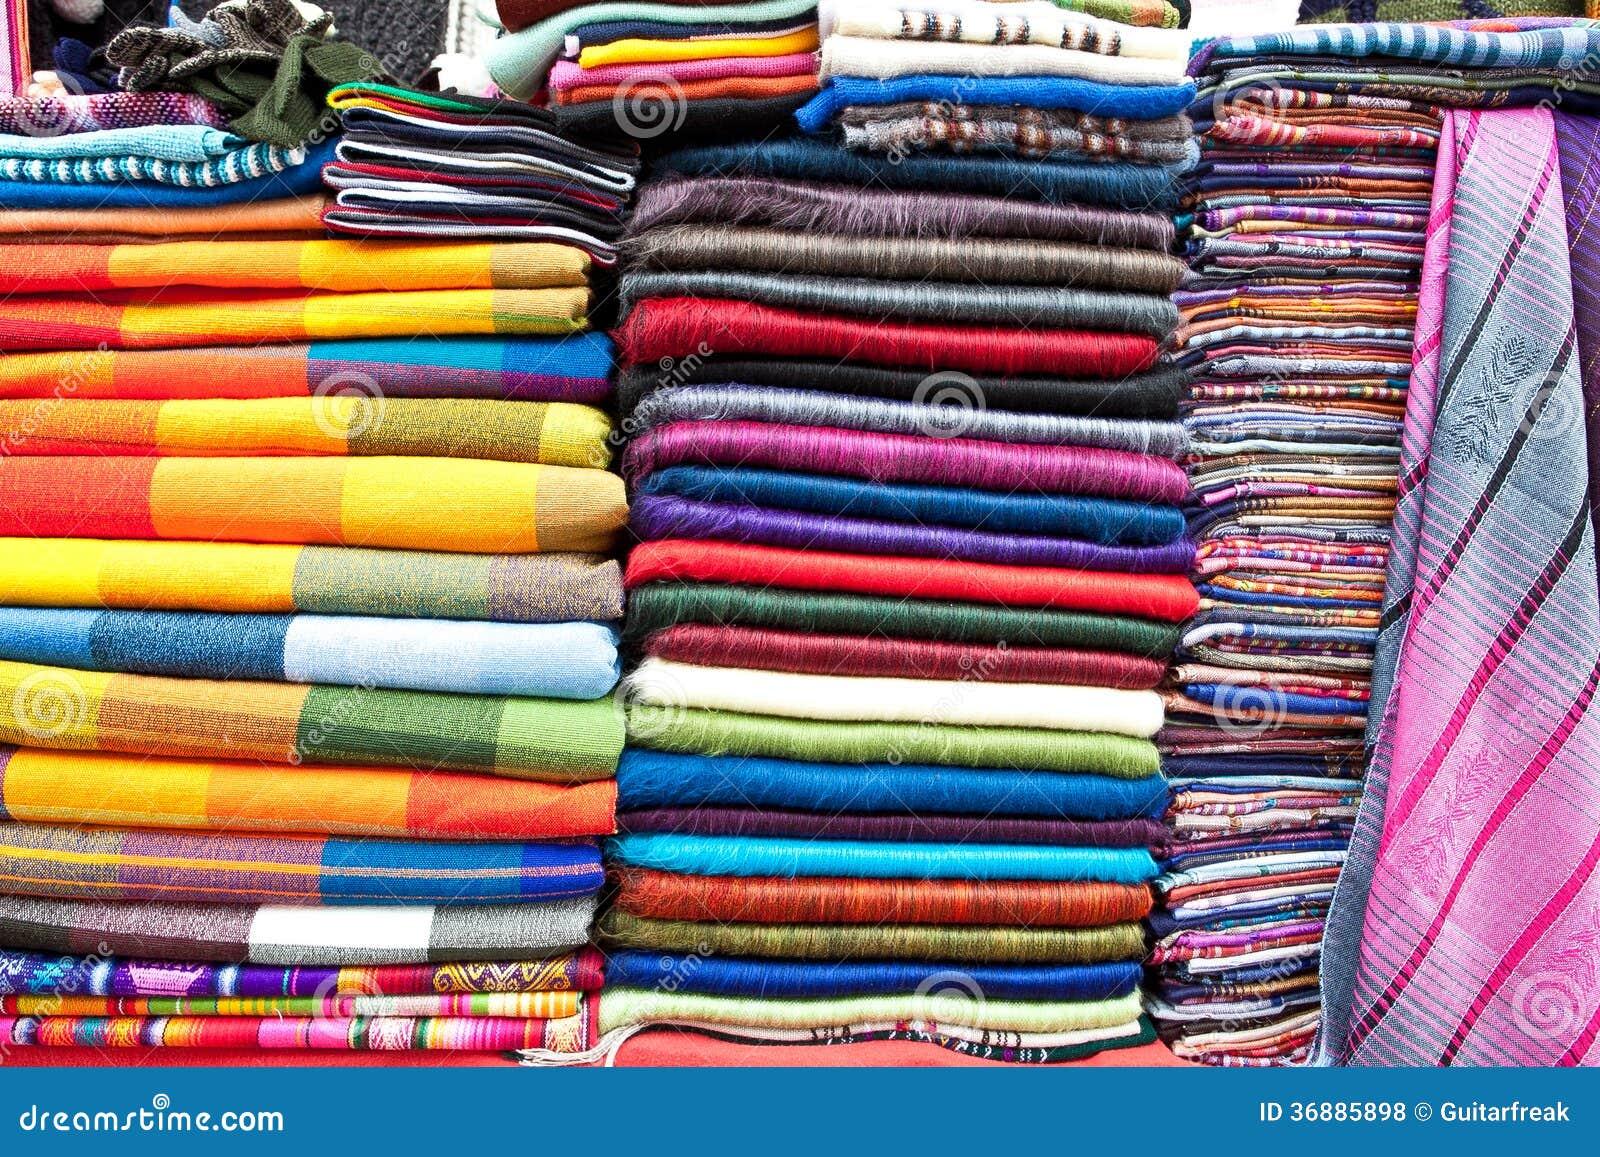 Download Indumenti Variopinti Da Vendere Fotografia Stock - Immagine di ecuador, sciarpa: 36885898